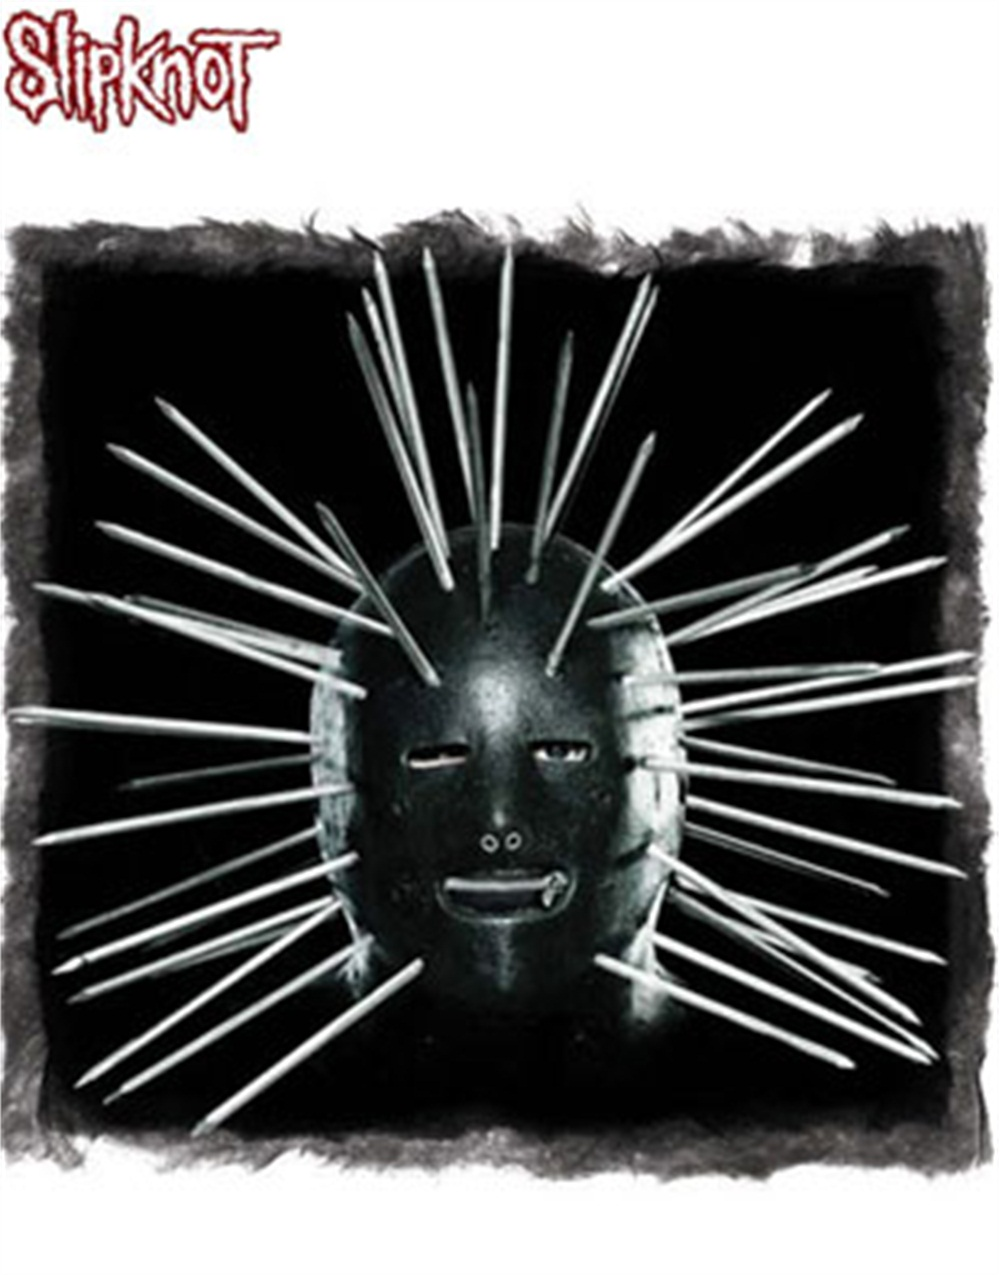 Latex Adult Slipknot 133 Craig Jones #5 Costume Mask | eBay